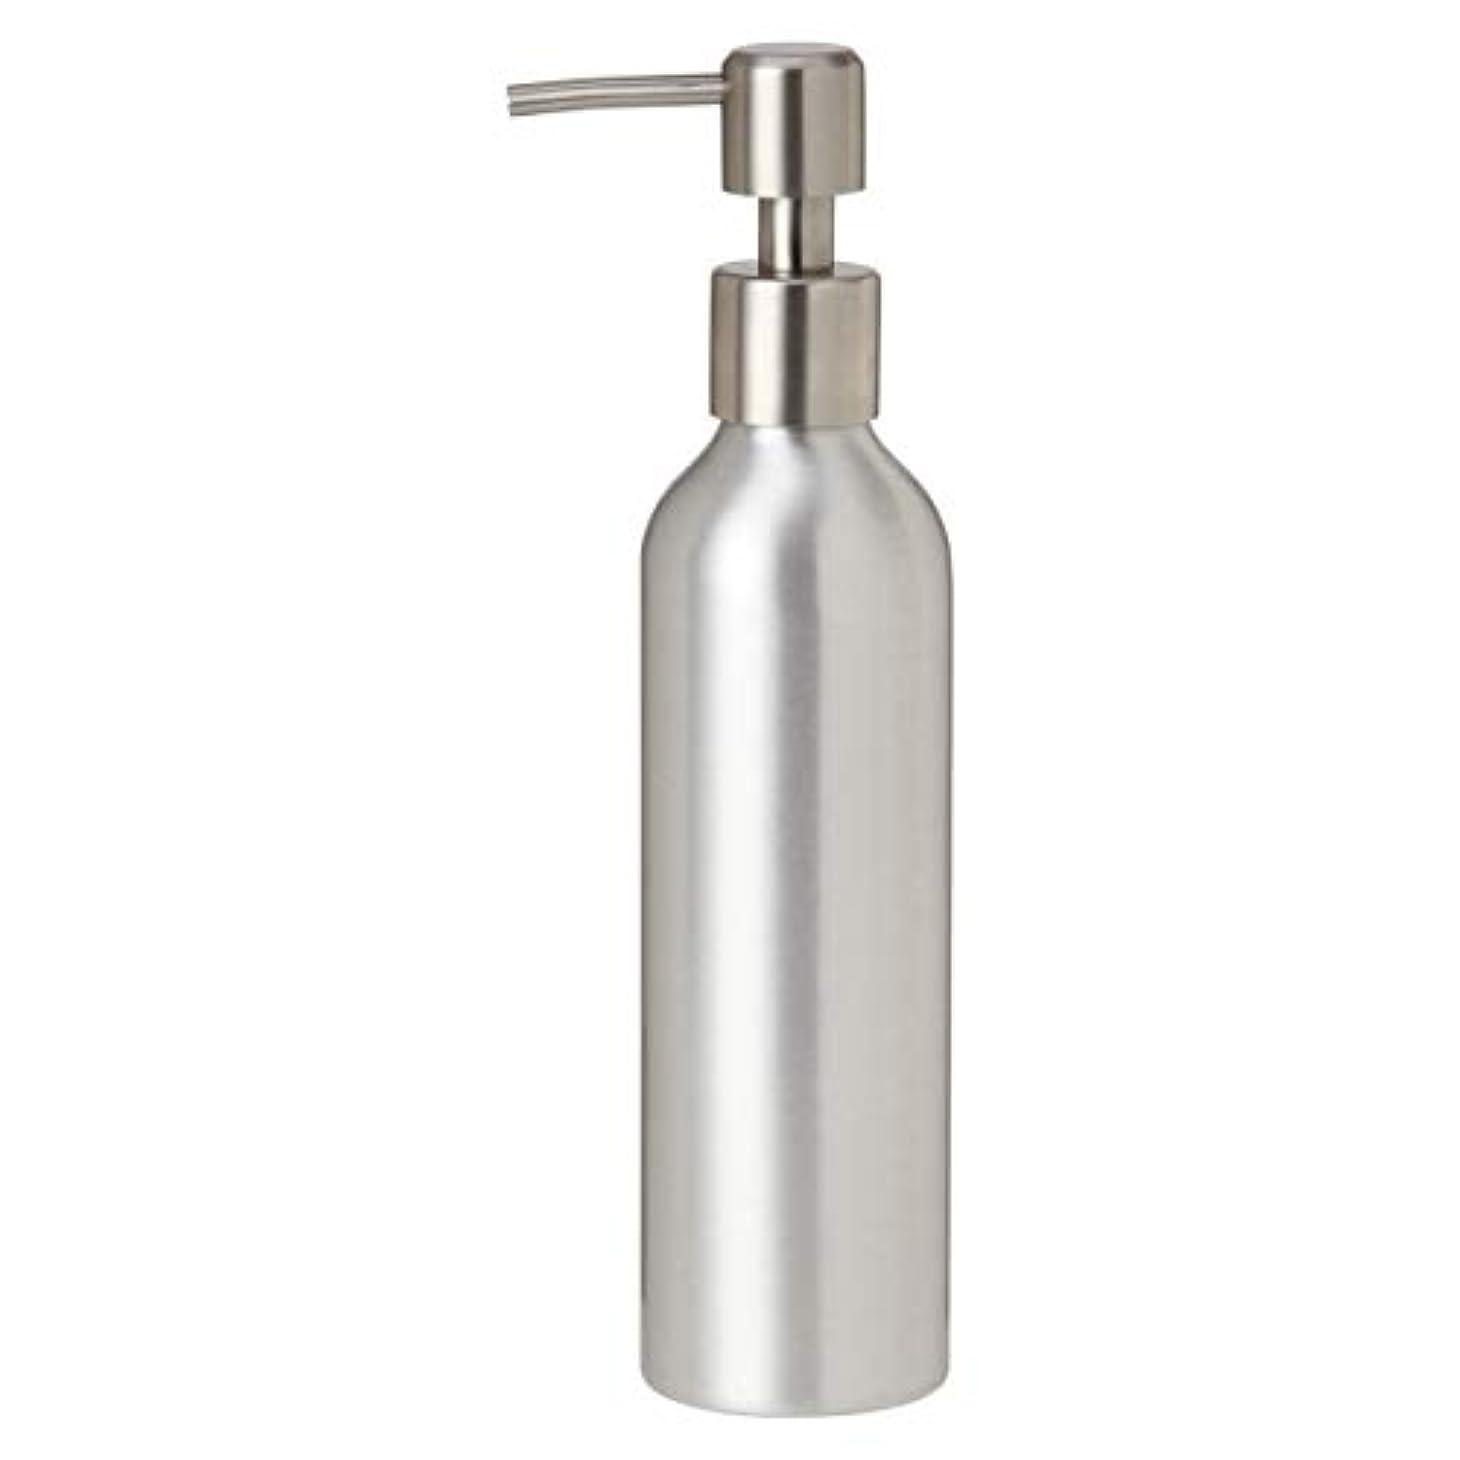 窒息させる繰り返しスリルアルミポンプボトル 250mL [ オイルウォーマー オイルトリートメント オイルボトル マッサージオイル アロママッサージオイル ボディマッサージオイル ボディオイル アロマオイル ]